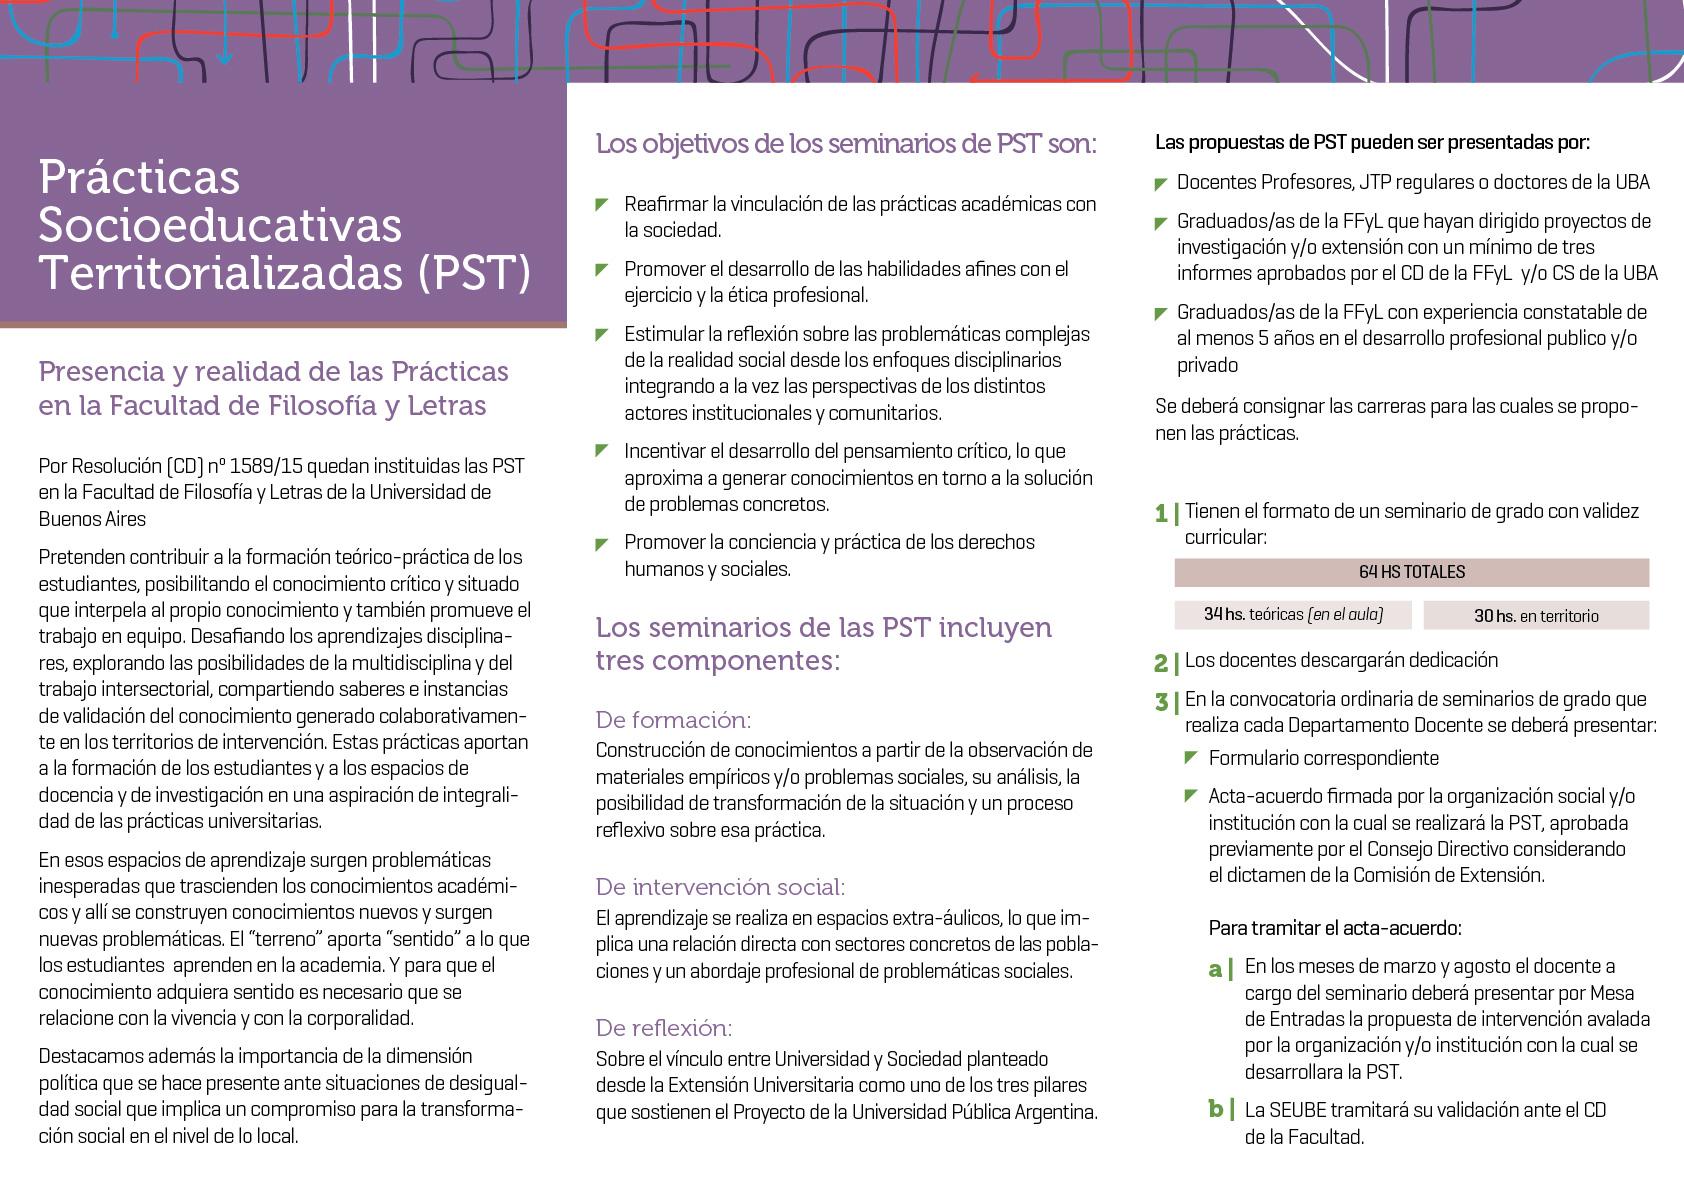 La imagen muestra el tríptico de PST con el detalle de los objetivos y pautas de presentación incluidas en el informe.